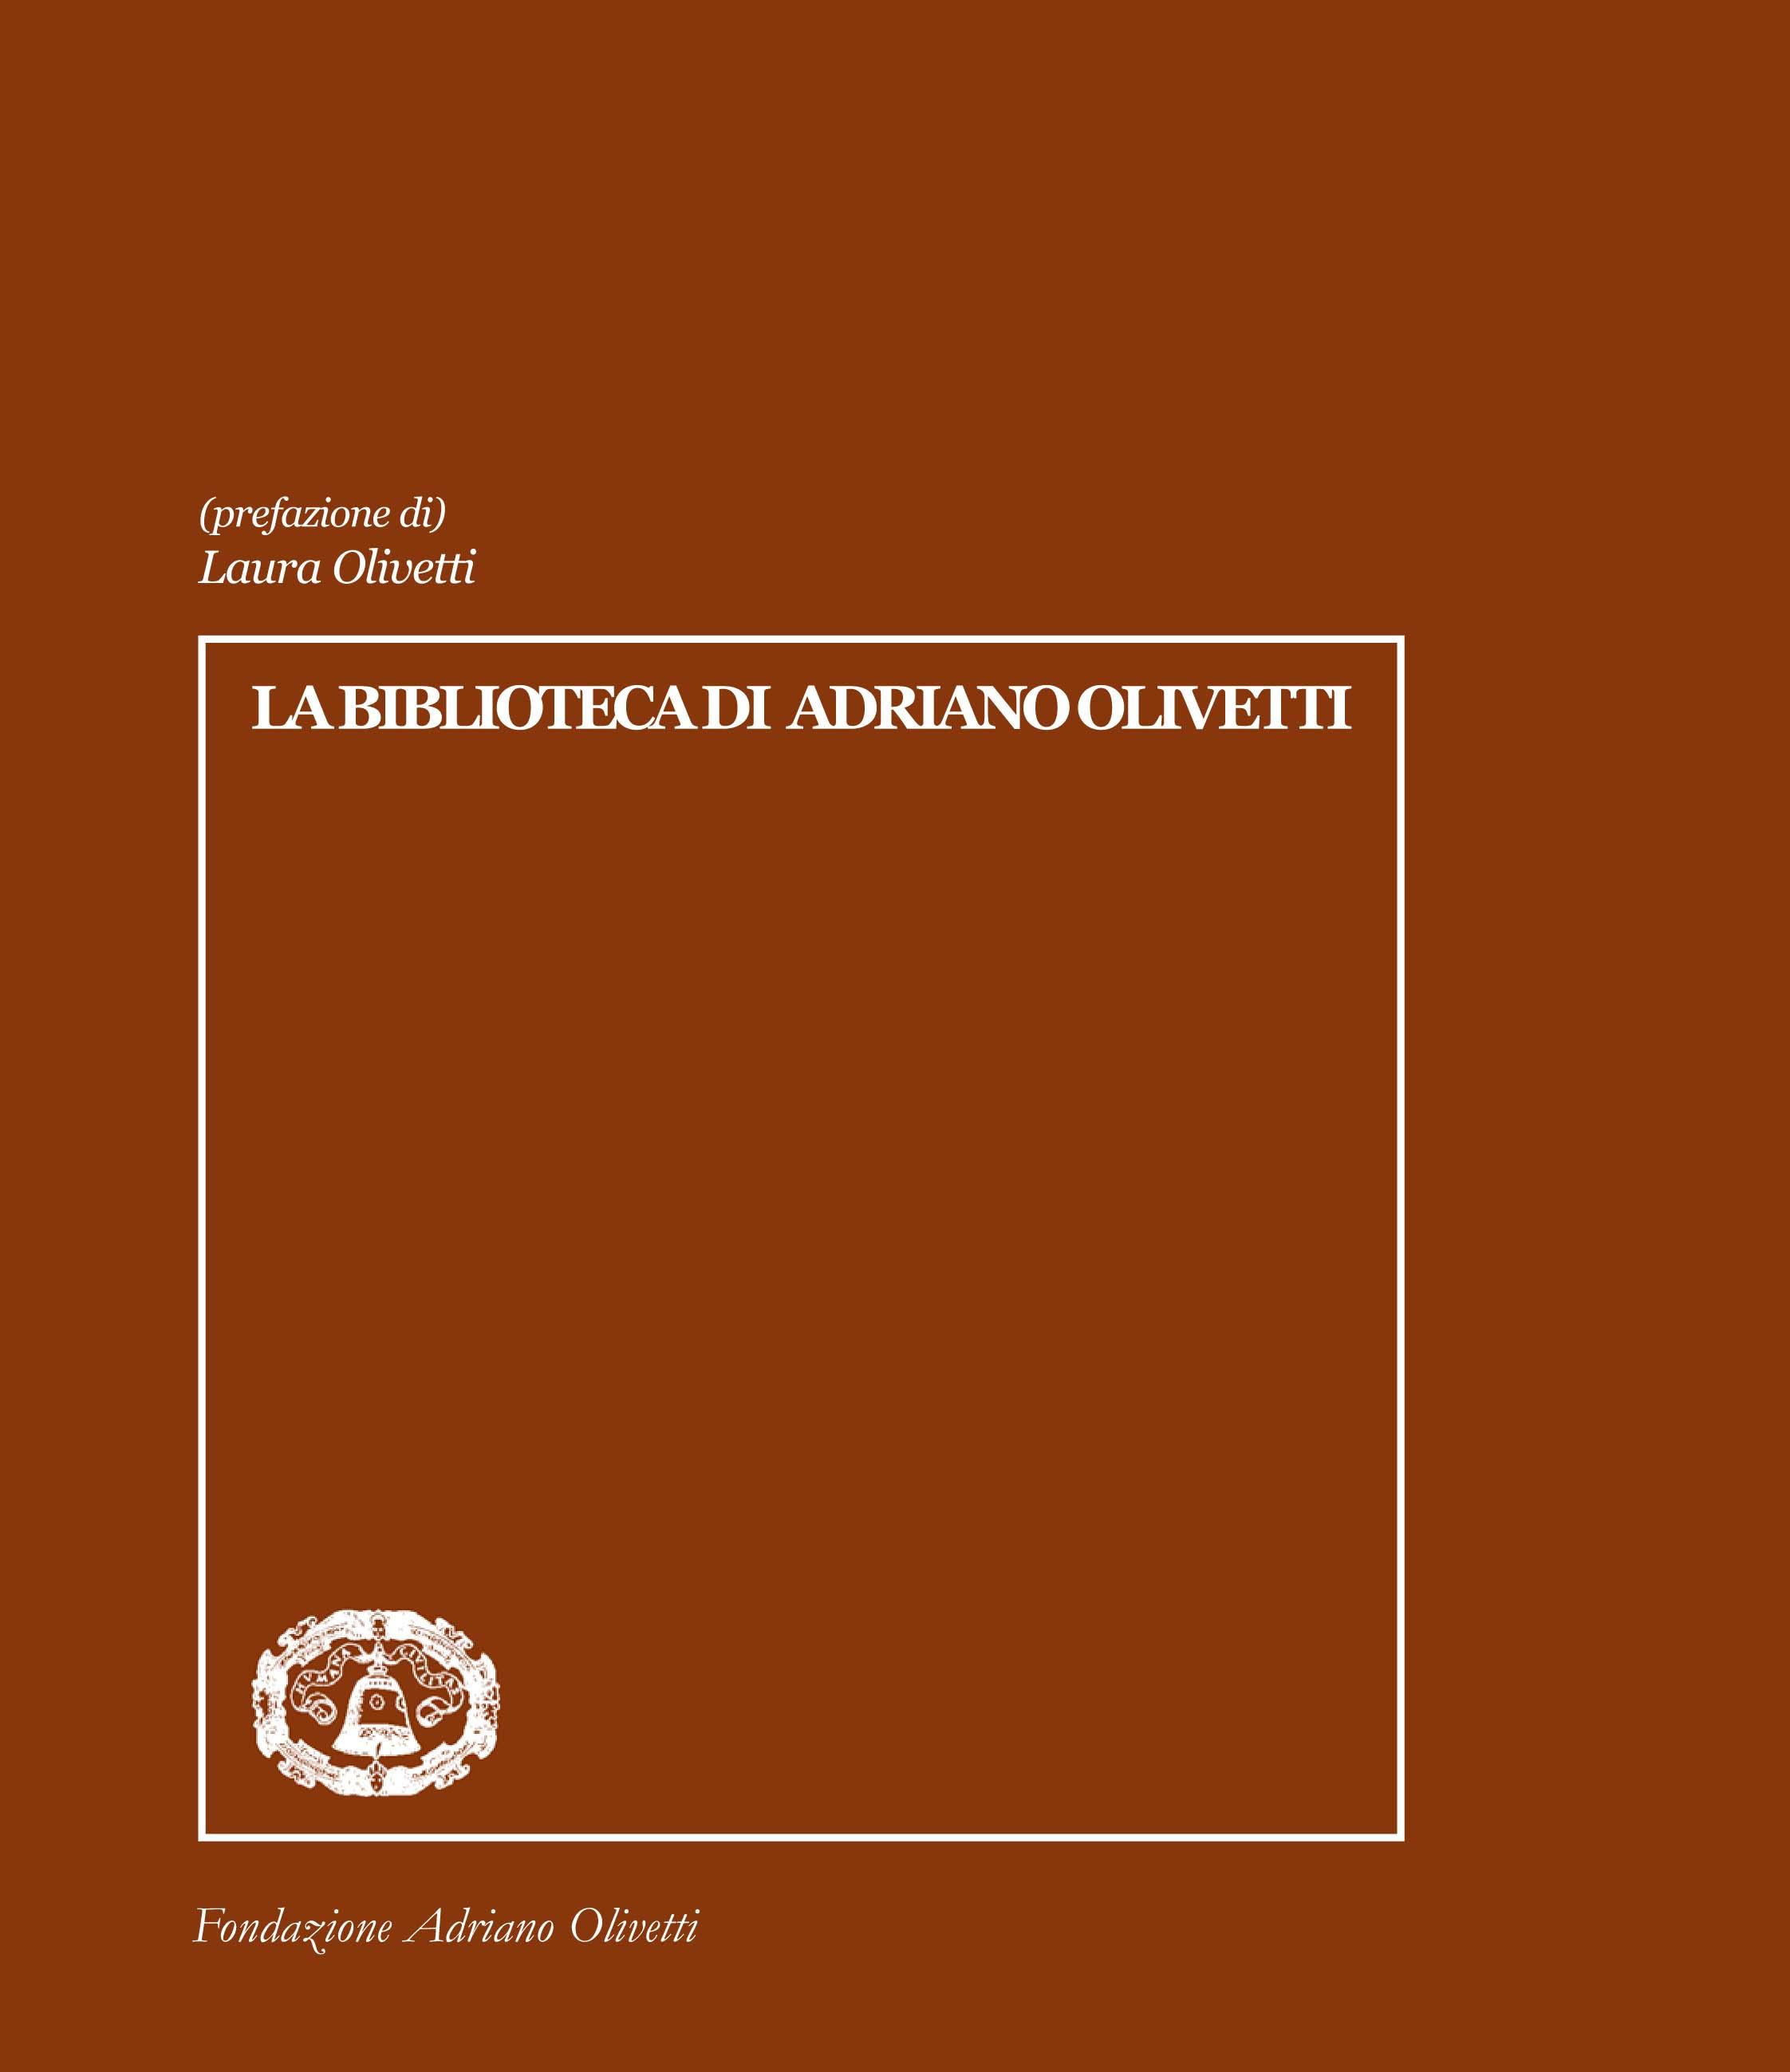 La Collezione Adriano Olivetti.qxp